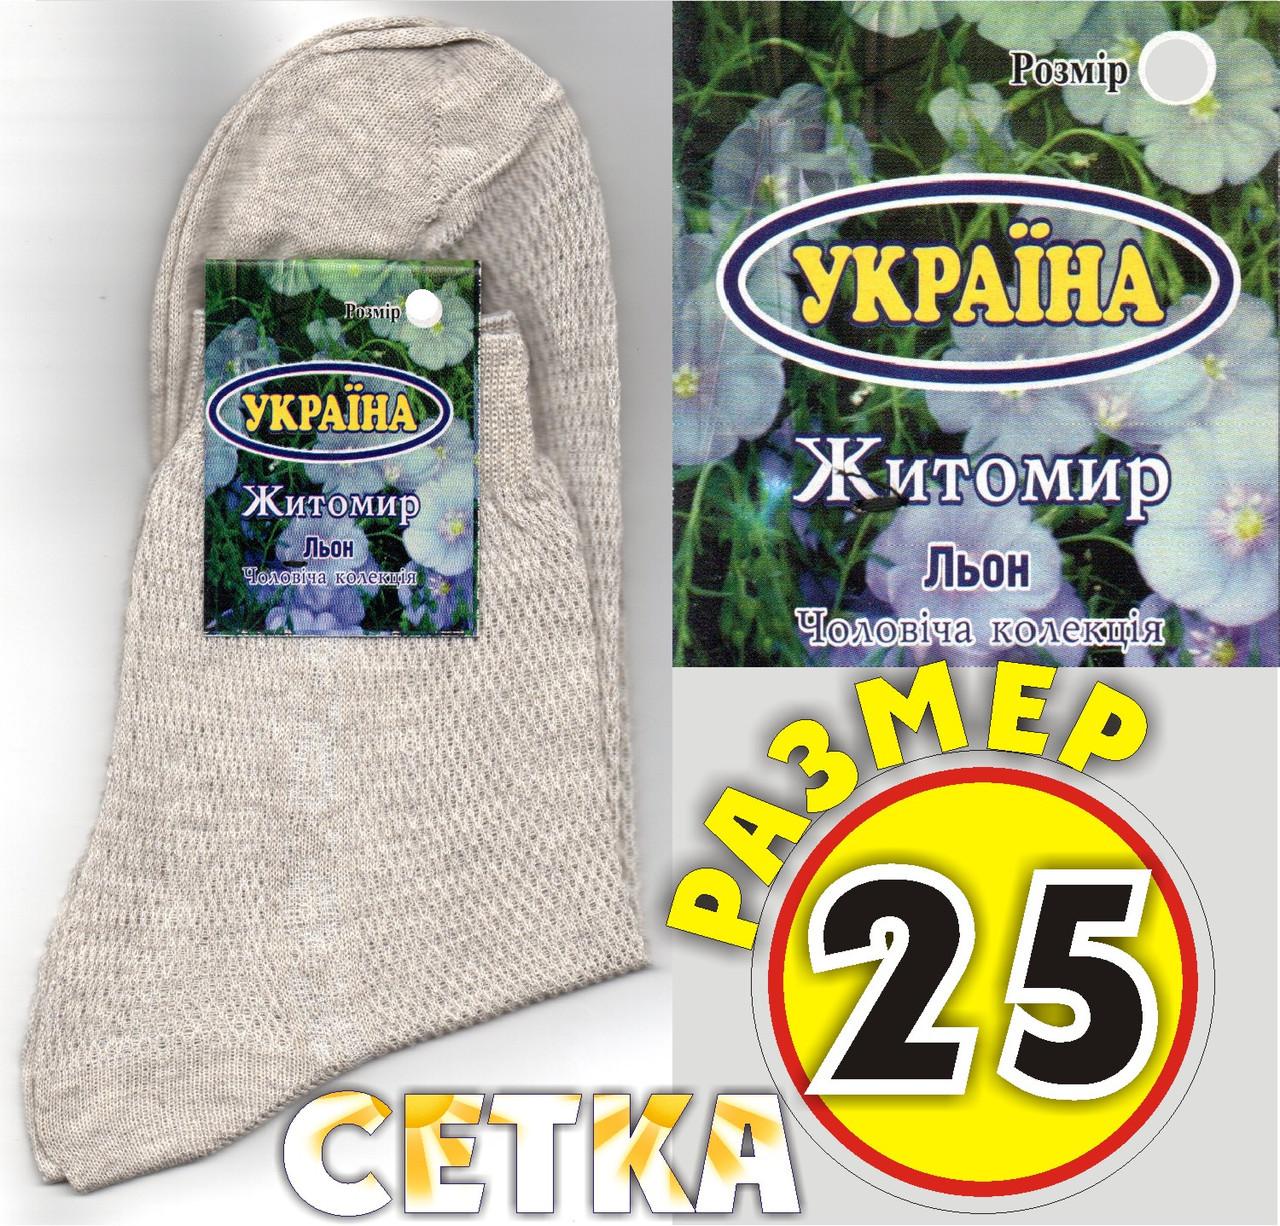 """Носки мужские СЕТКА ЛЕН """"Успех"""" Украина 25 размер НМЛ-069"""